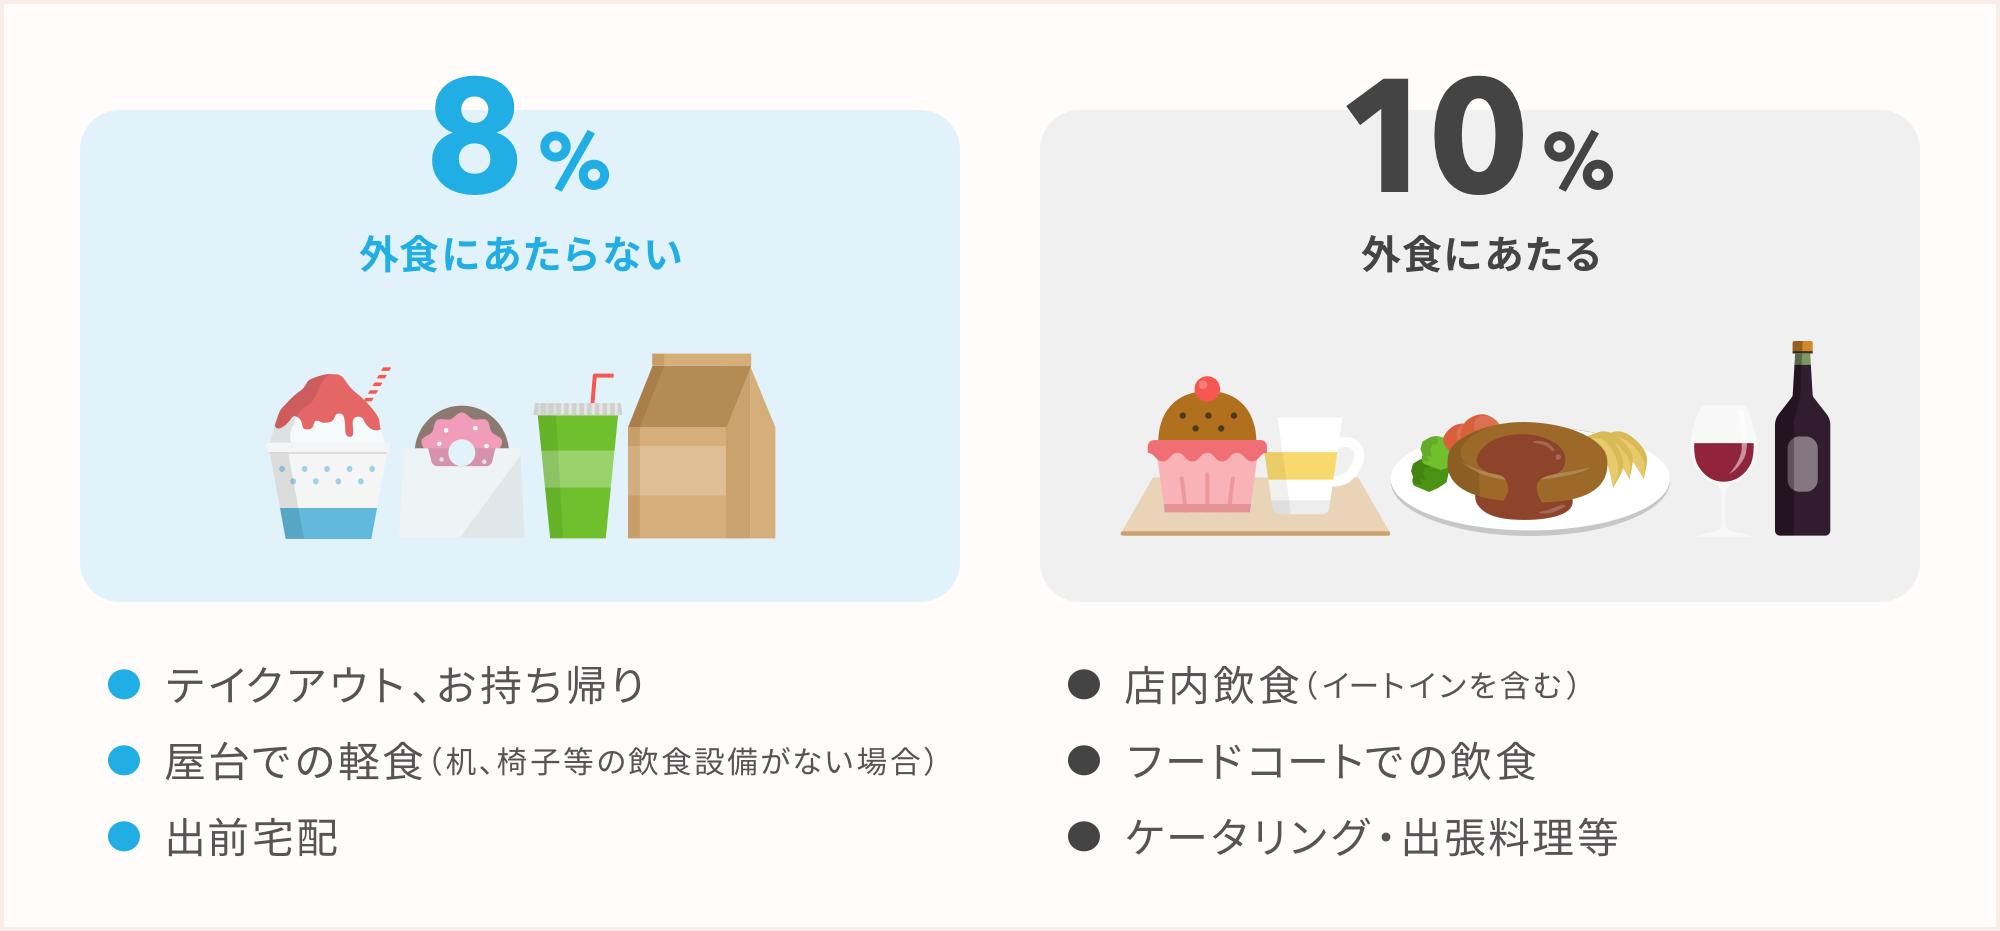 軽減税率対象品目「飲食料品」における「外食」の定義:外食にあたるか、外食にあたらないか